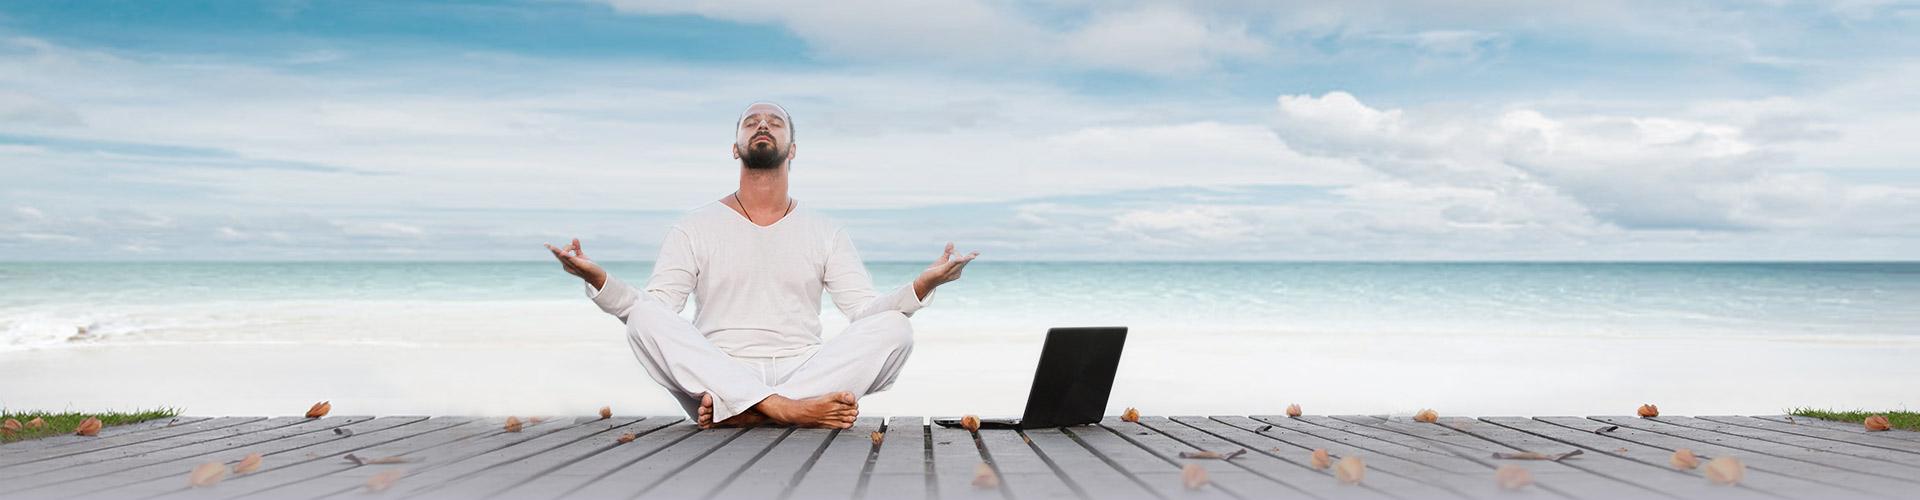 Leadership éclairé : renouer avec son intelligence spirituelle pour transformer son organisation / entreprise